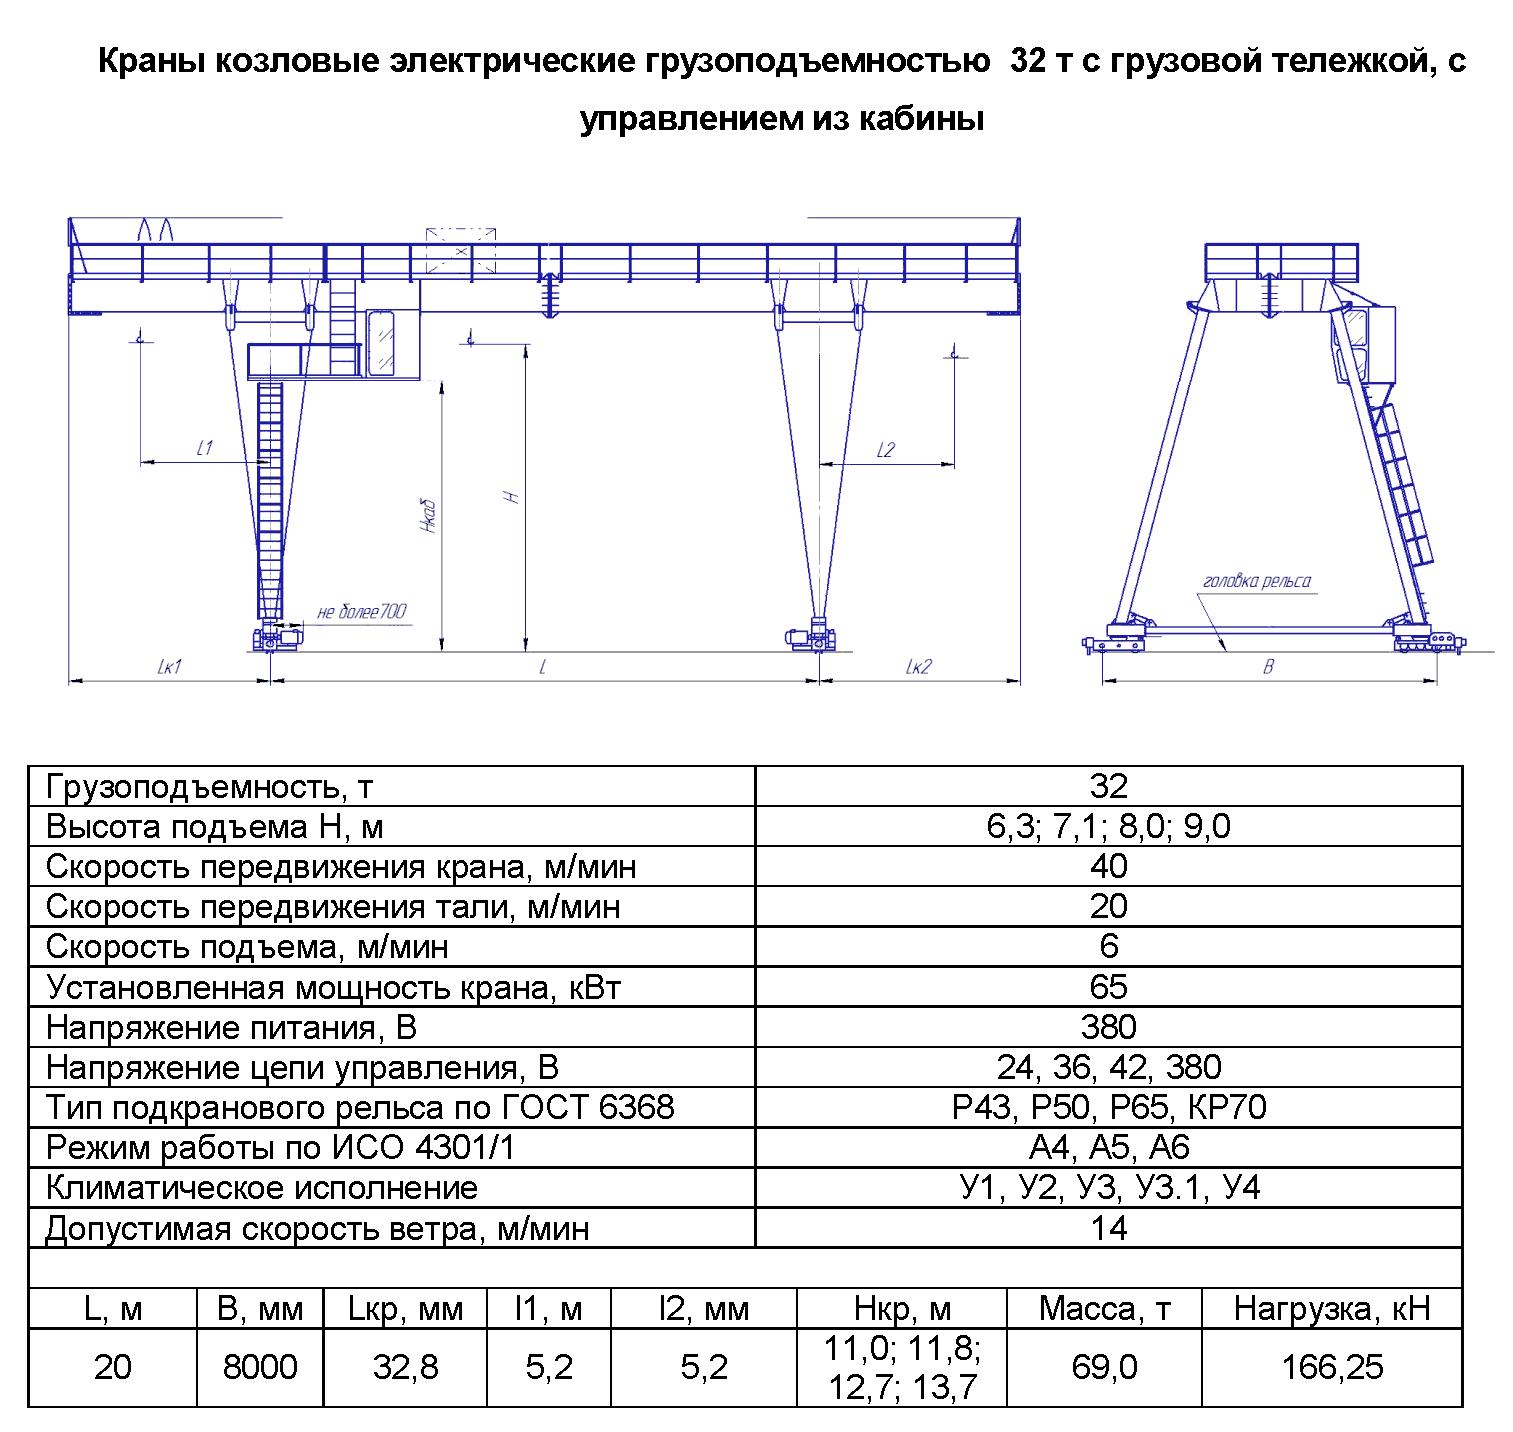 KKD 32 200 - Кран козловой электрический двухбалочный